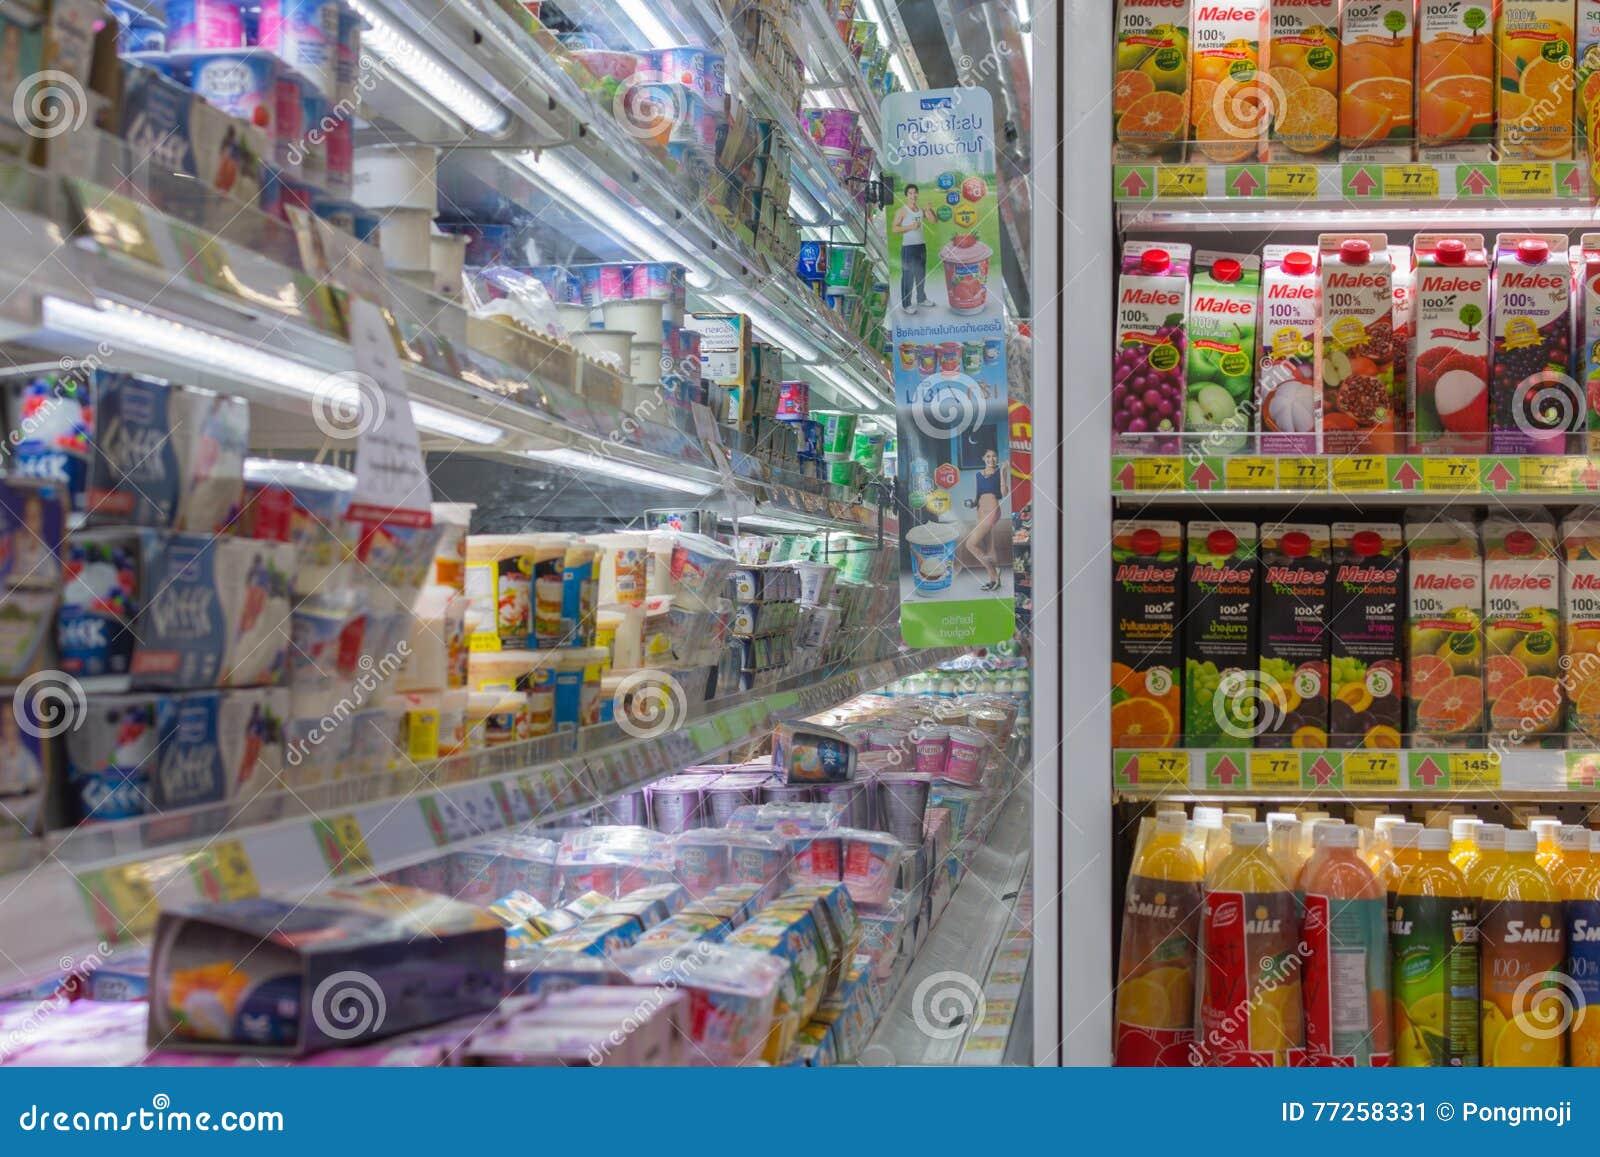 Many Types Of Fruit Juice Editorial Photo Image 77258331